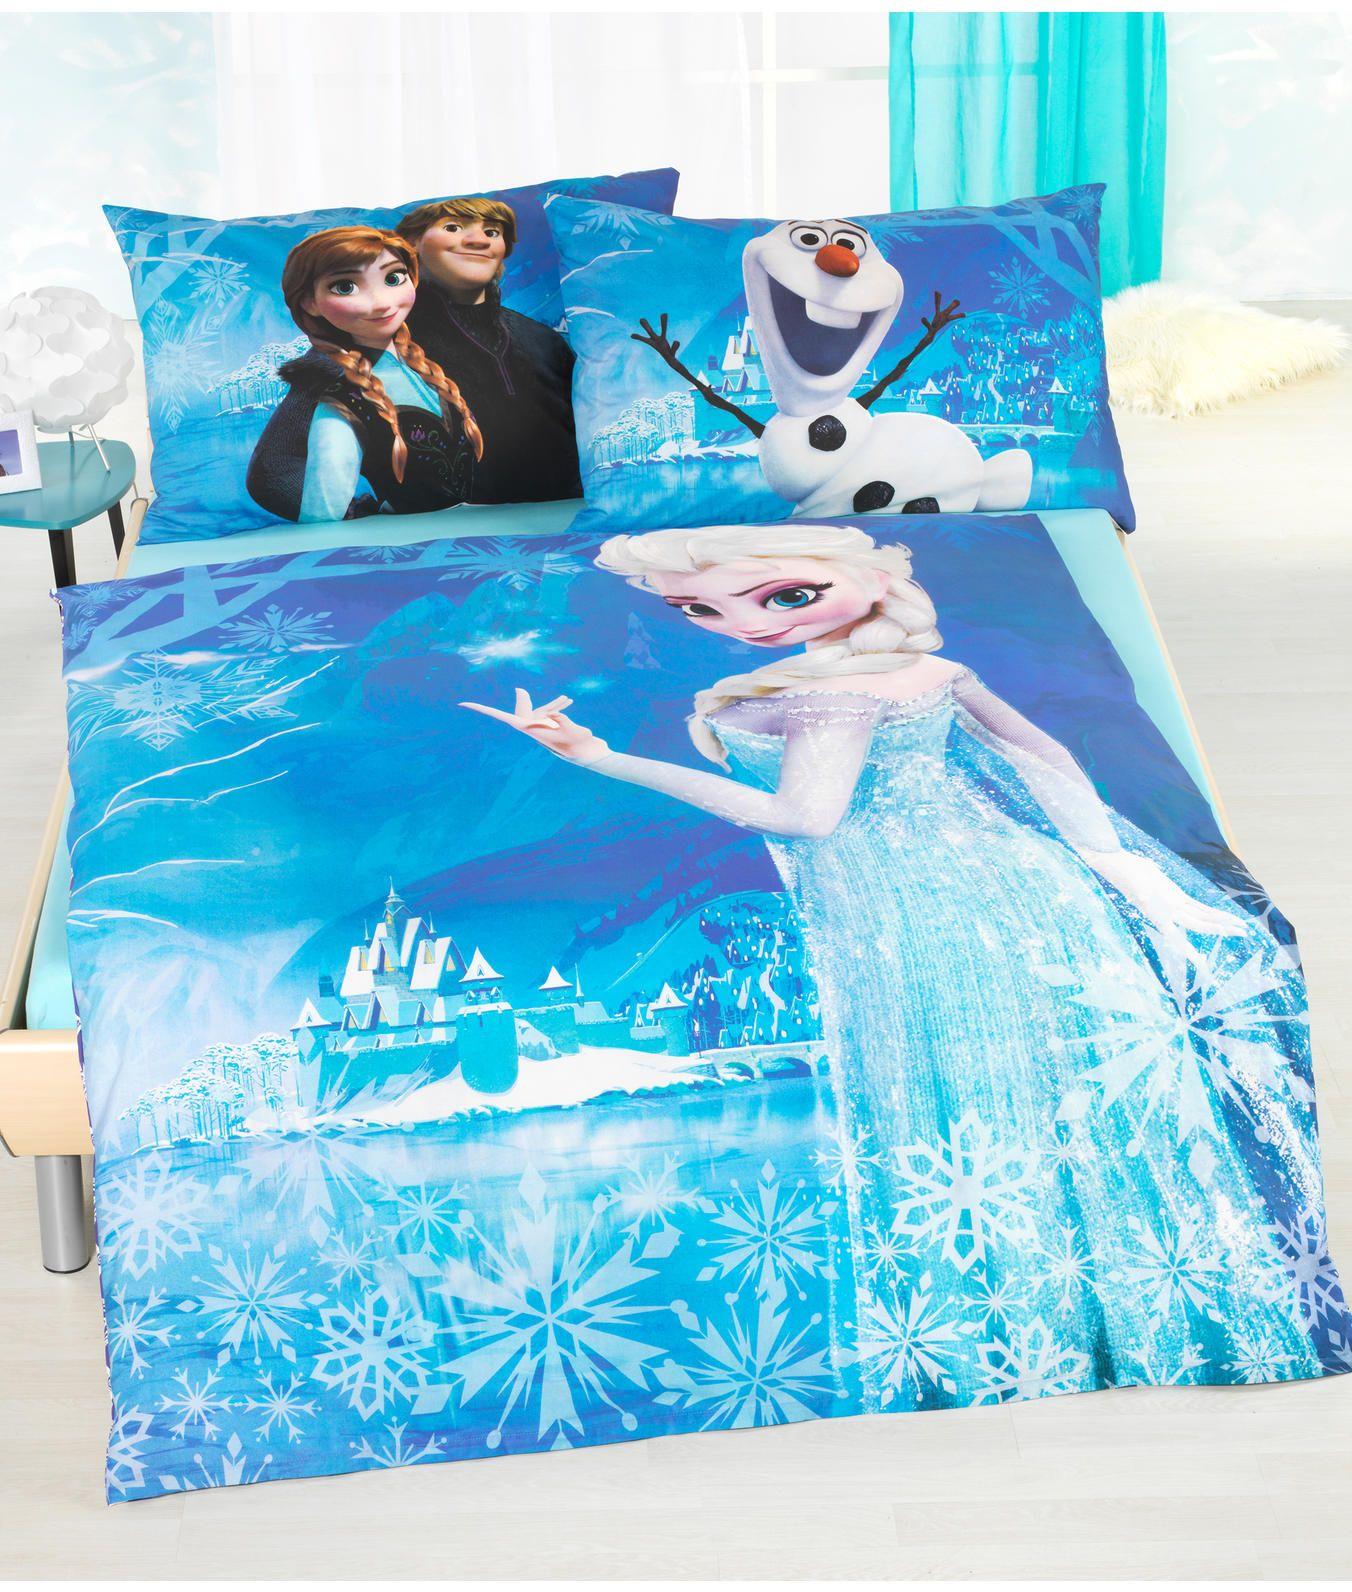 Bettdecken Von Aldi Ikea Kopfkissen 40x80 Schlafzimmer Disney